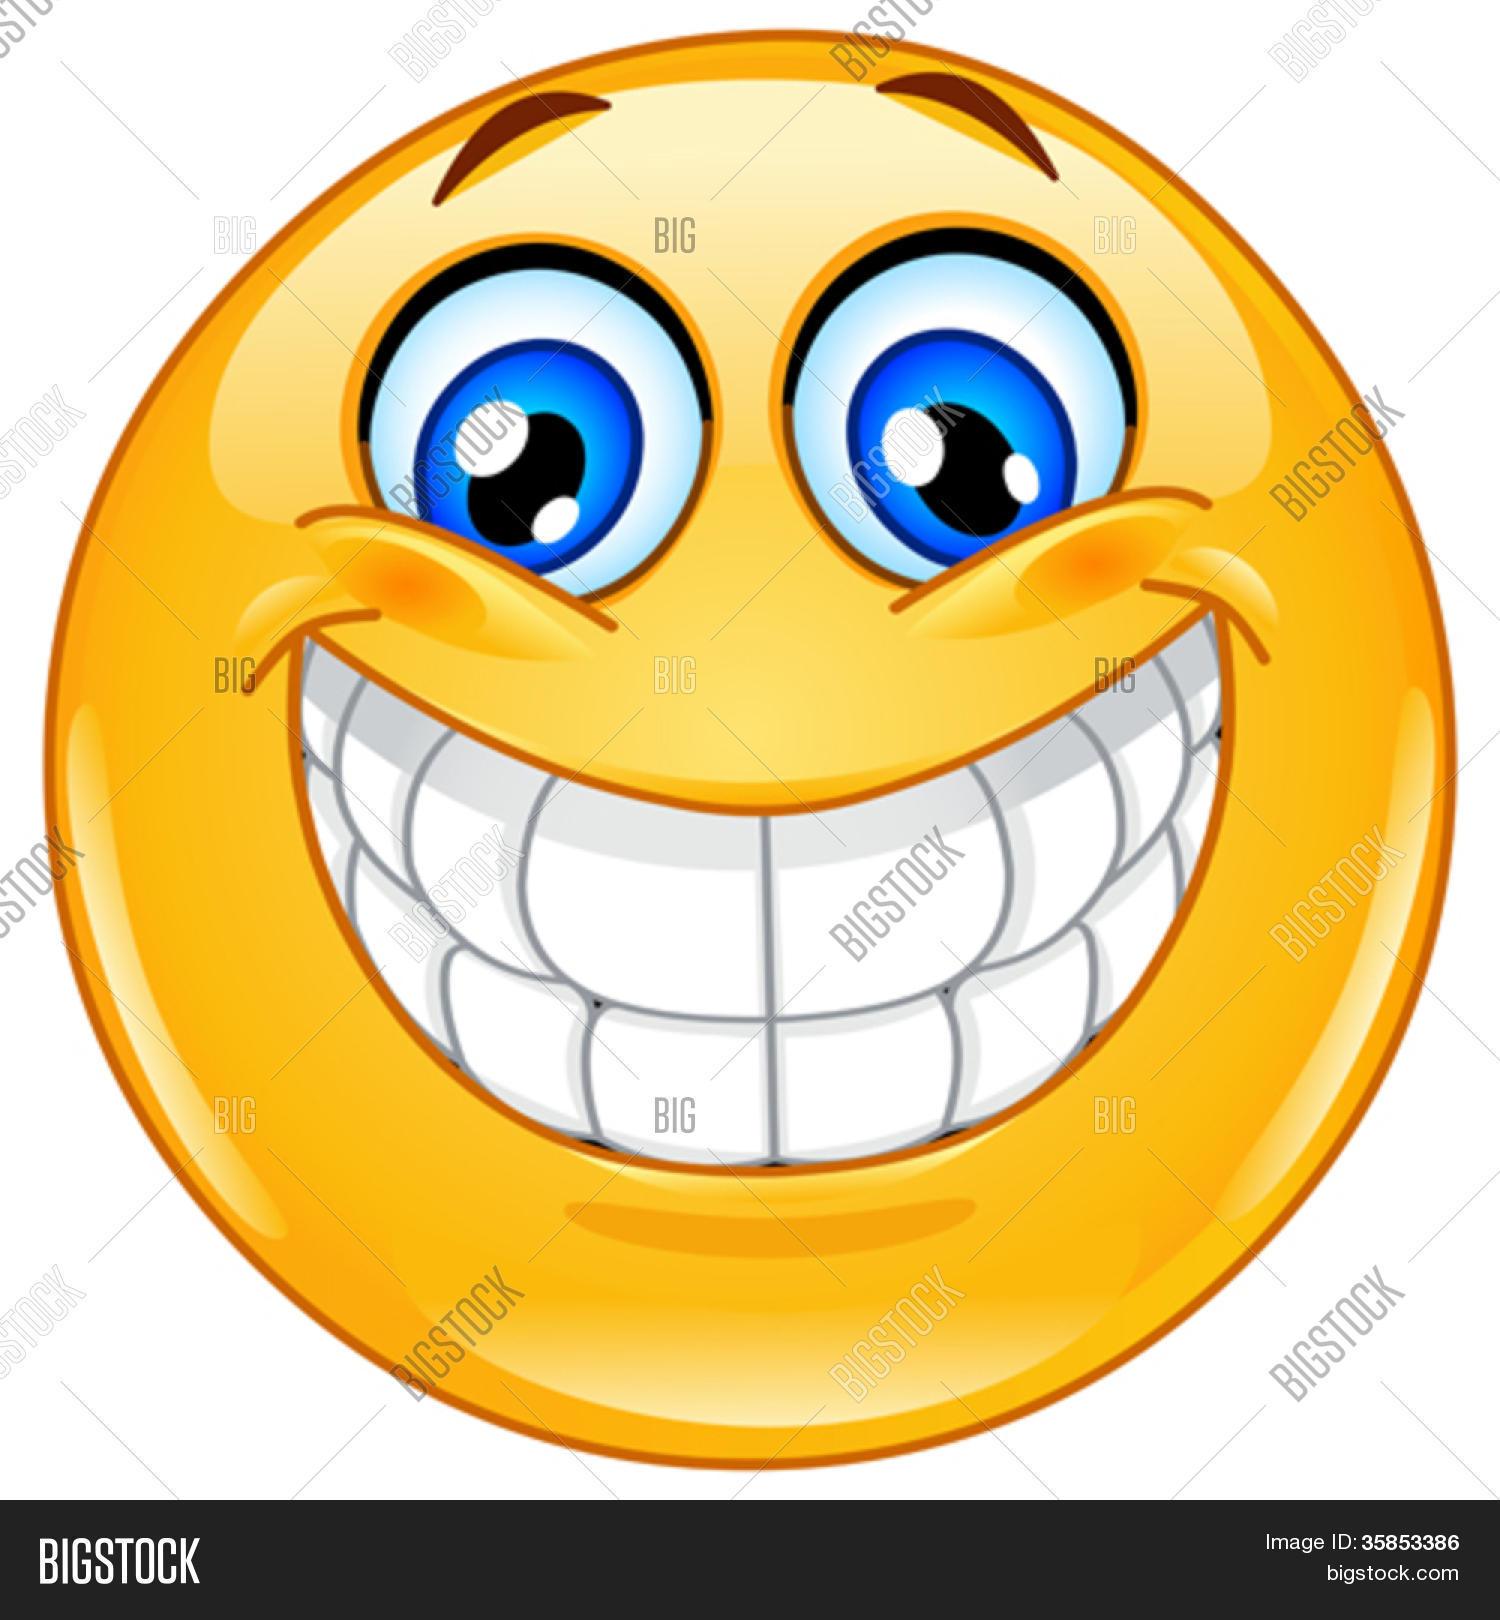 Image vectorielle et photo de essai gratuit bigstock - Image sourire gratuit ...